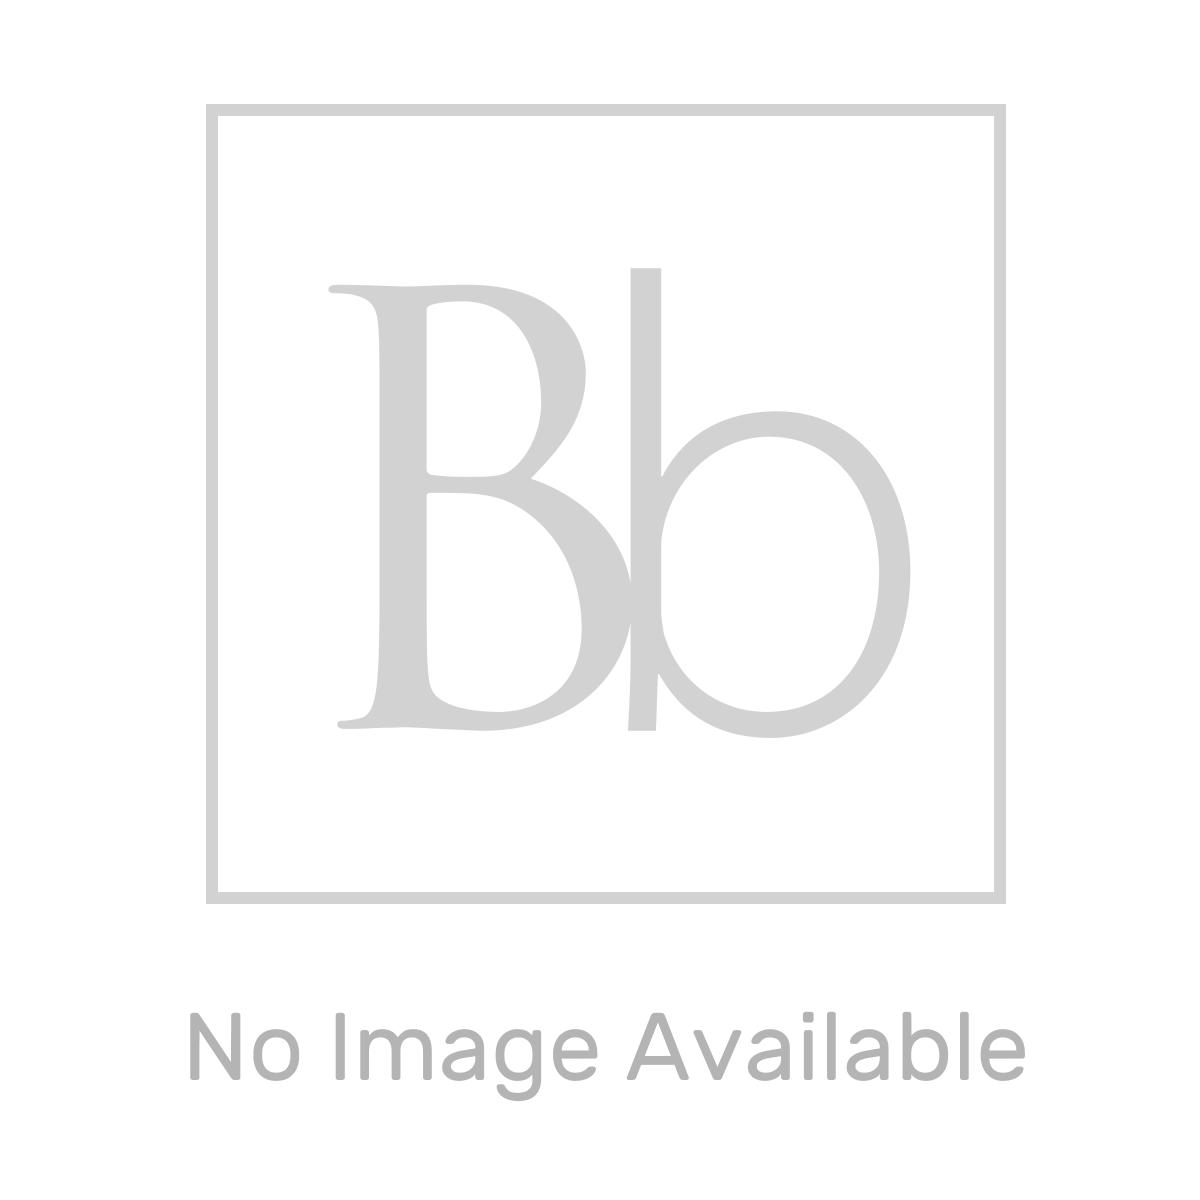 Nuie Eden High Gloss White Floor Standing Cabinet & Basin 1 500mm 2